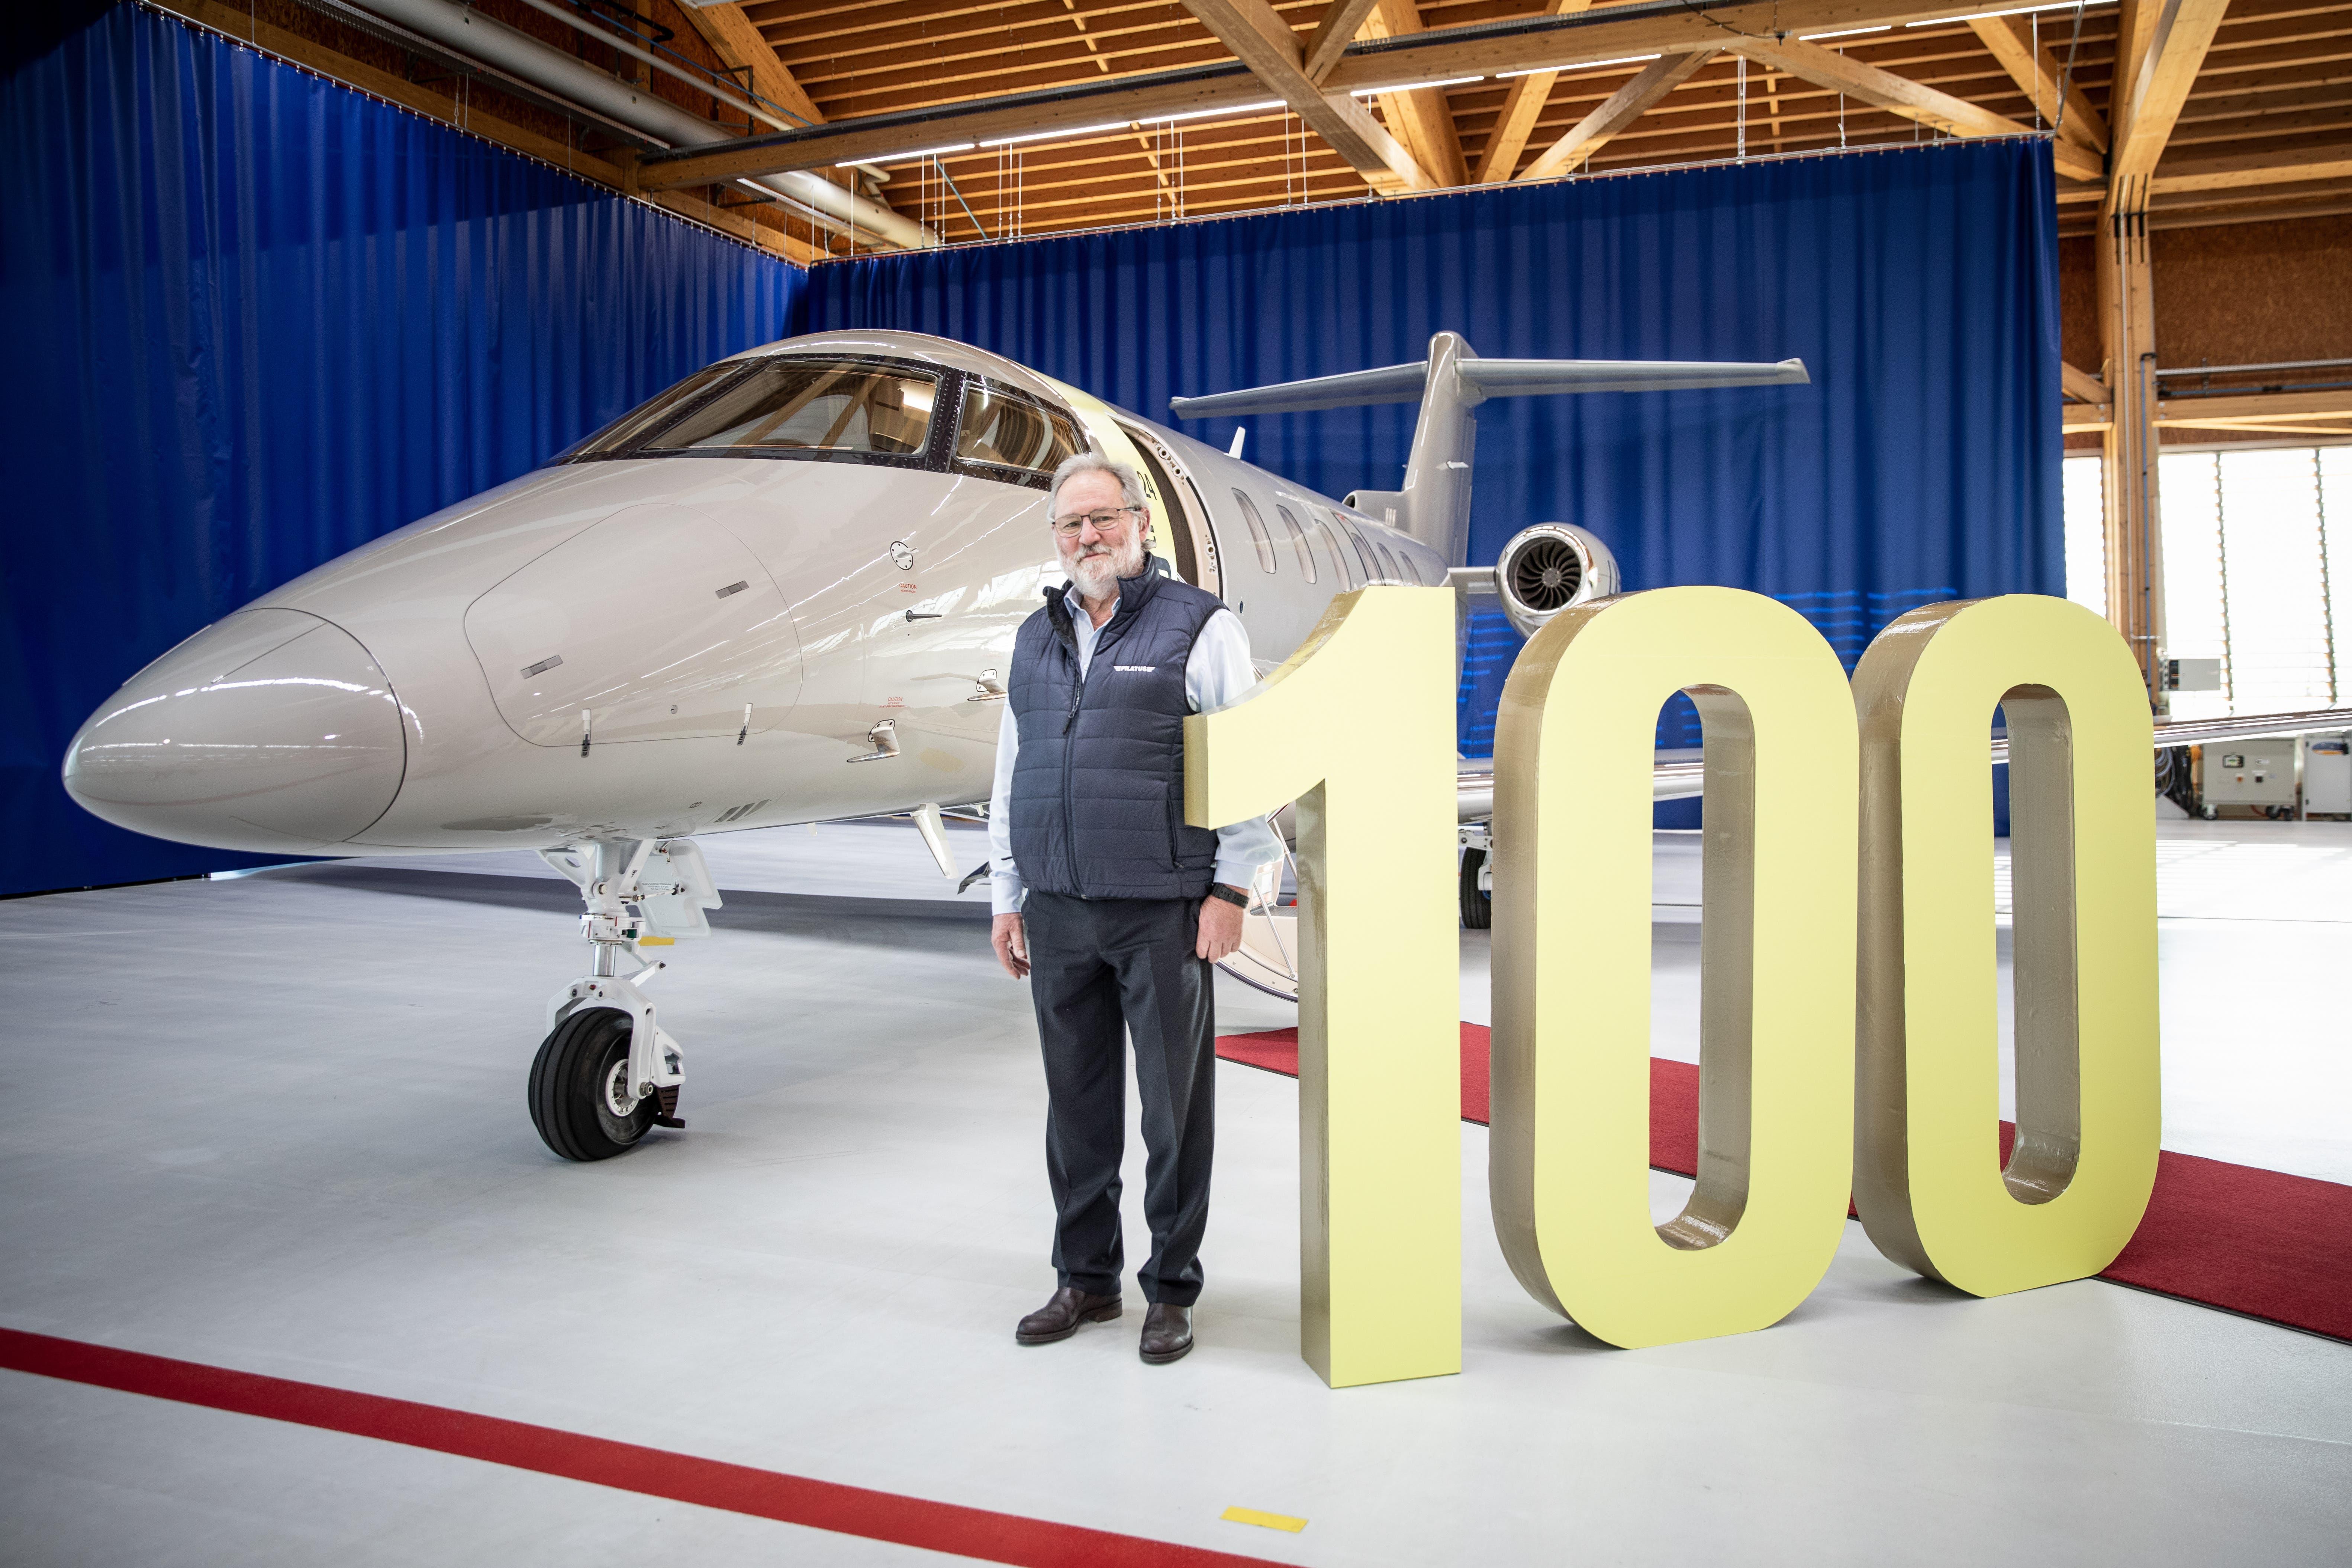 Anfang 2021 wurde ein Meilenstein erreicht. Der Stanser Flugzeughersteller konnte den 100. PC-24 an einen Kunden ausliefern.